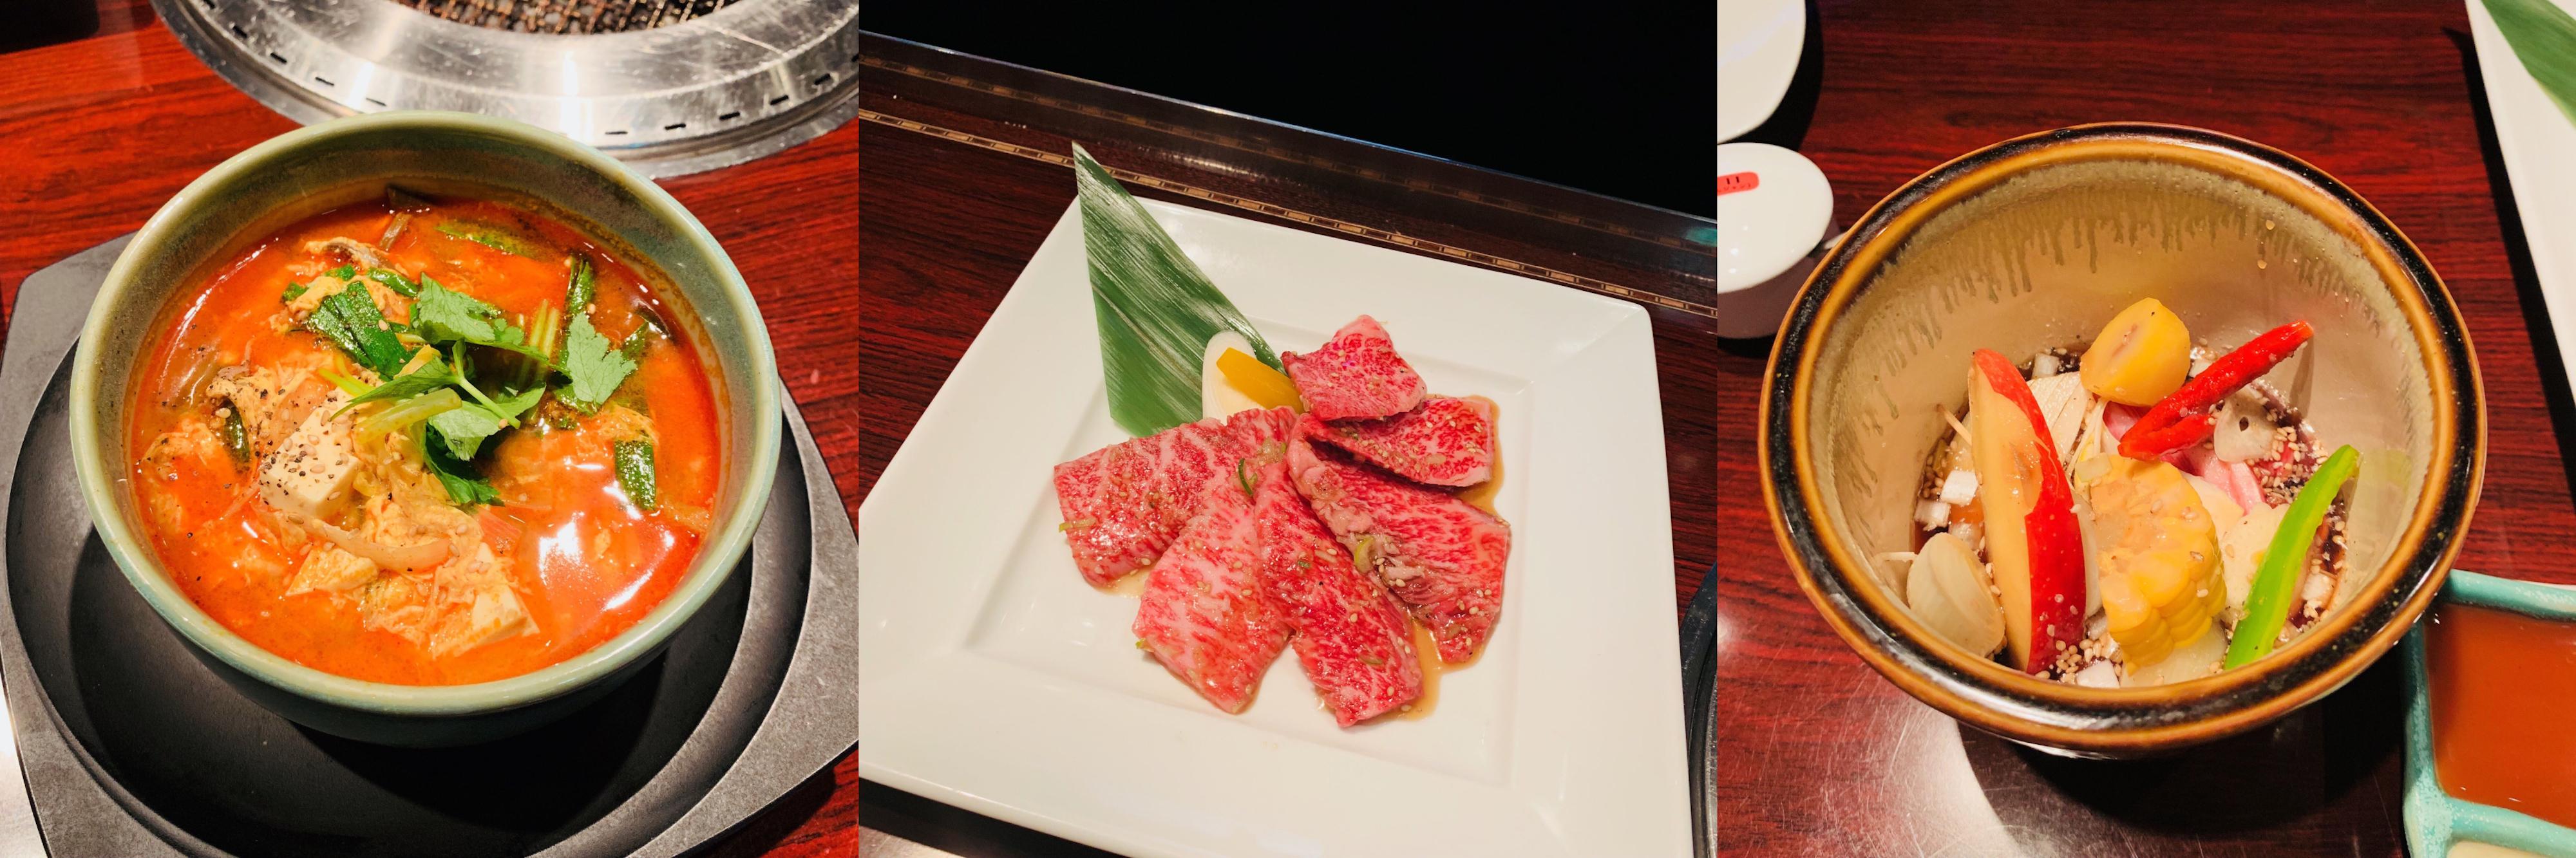 沖繩敘敘苑燒肉預訂!tabiko小幫手快速協助